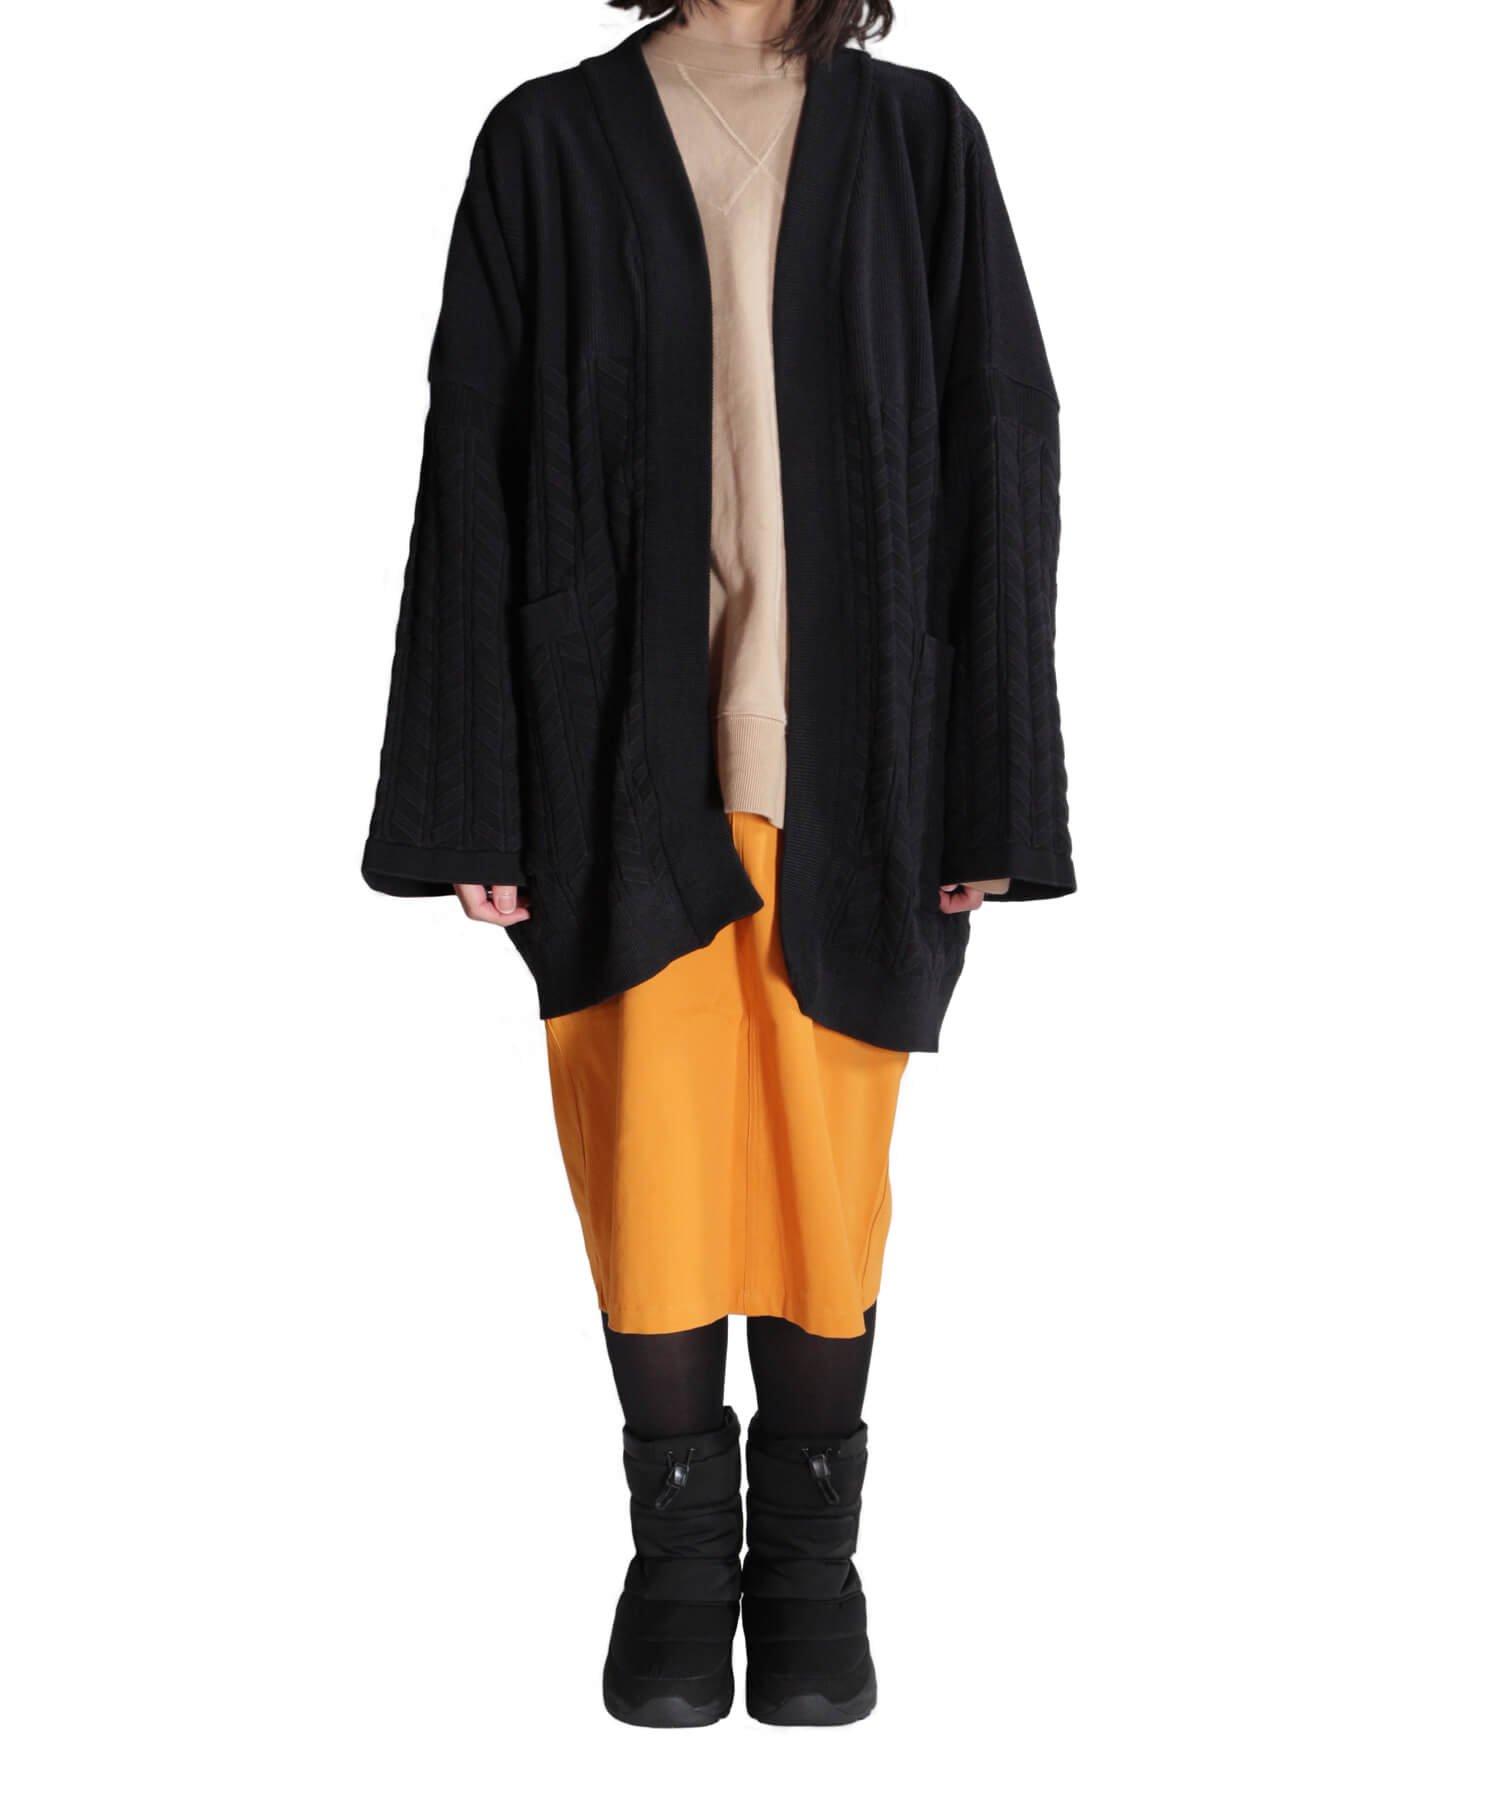 COOKMAN / クックマン   BAKER'S SKIRT (MUSTARD):ベイカーズスカート商品画像15